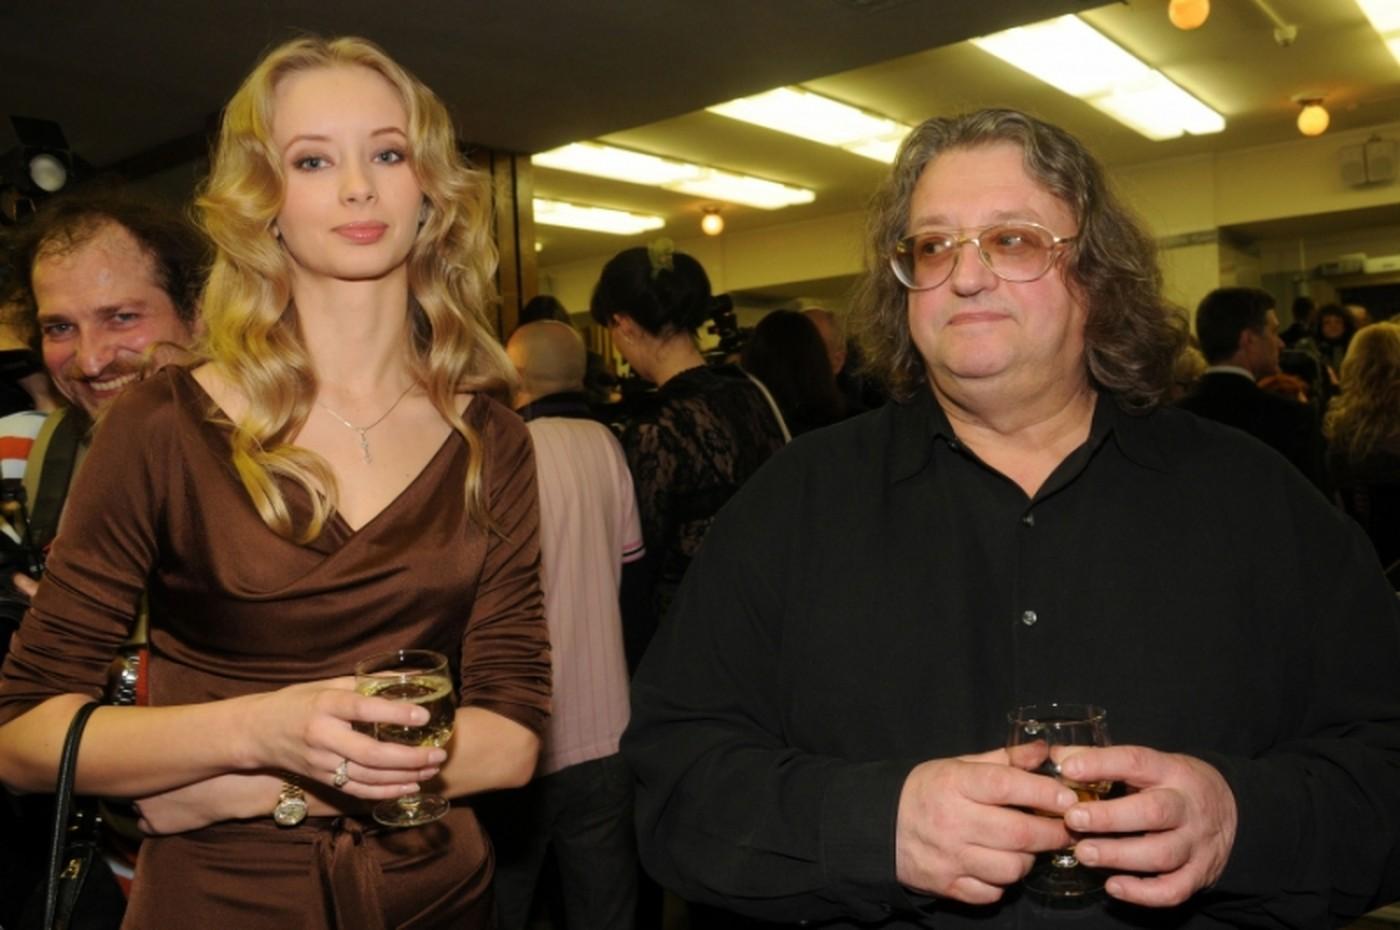 Известные мужчины, выбравшие себе в жены девушек, которые годятся им в дочери